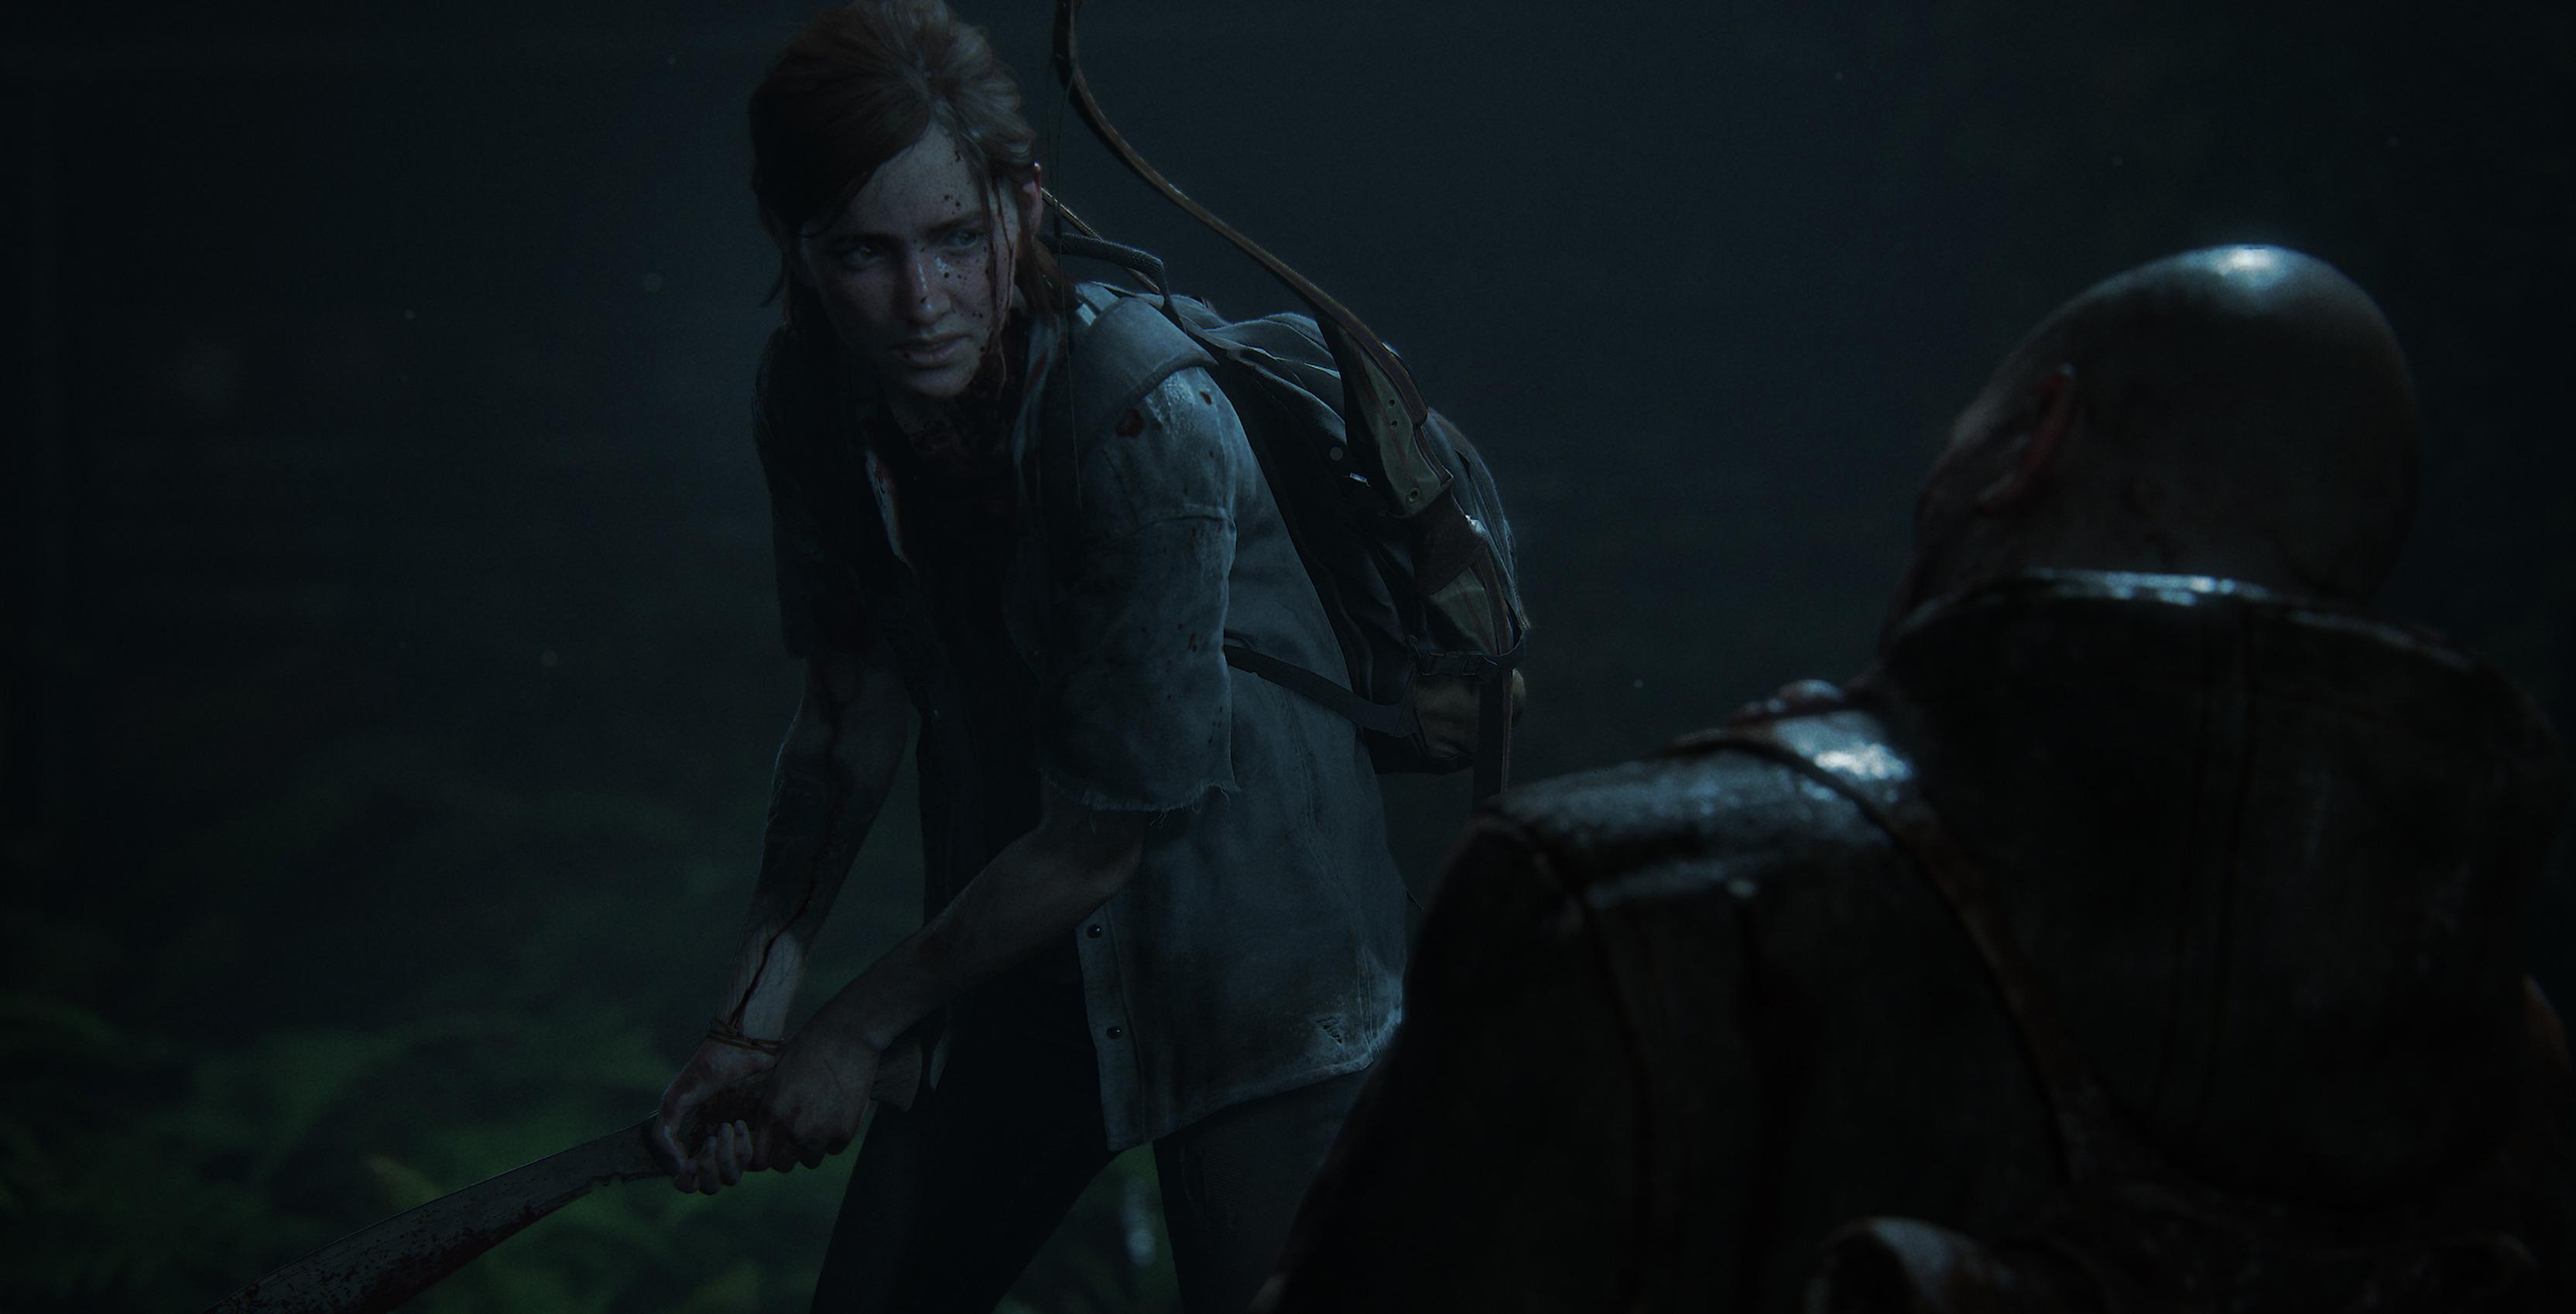 Last Of Us Part Ii Coming February 21 2020 Glbnews Com